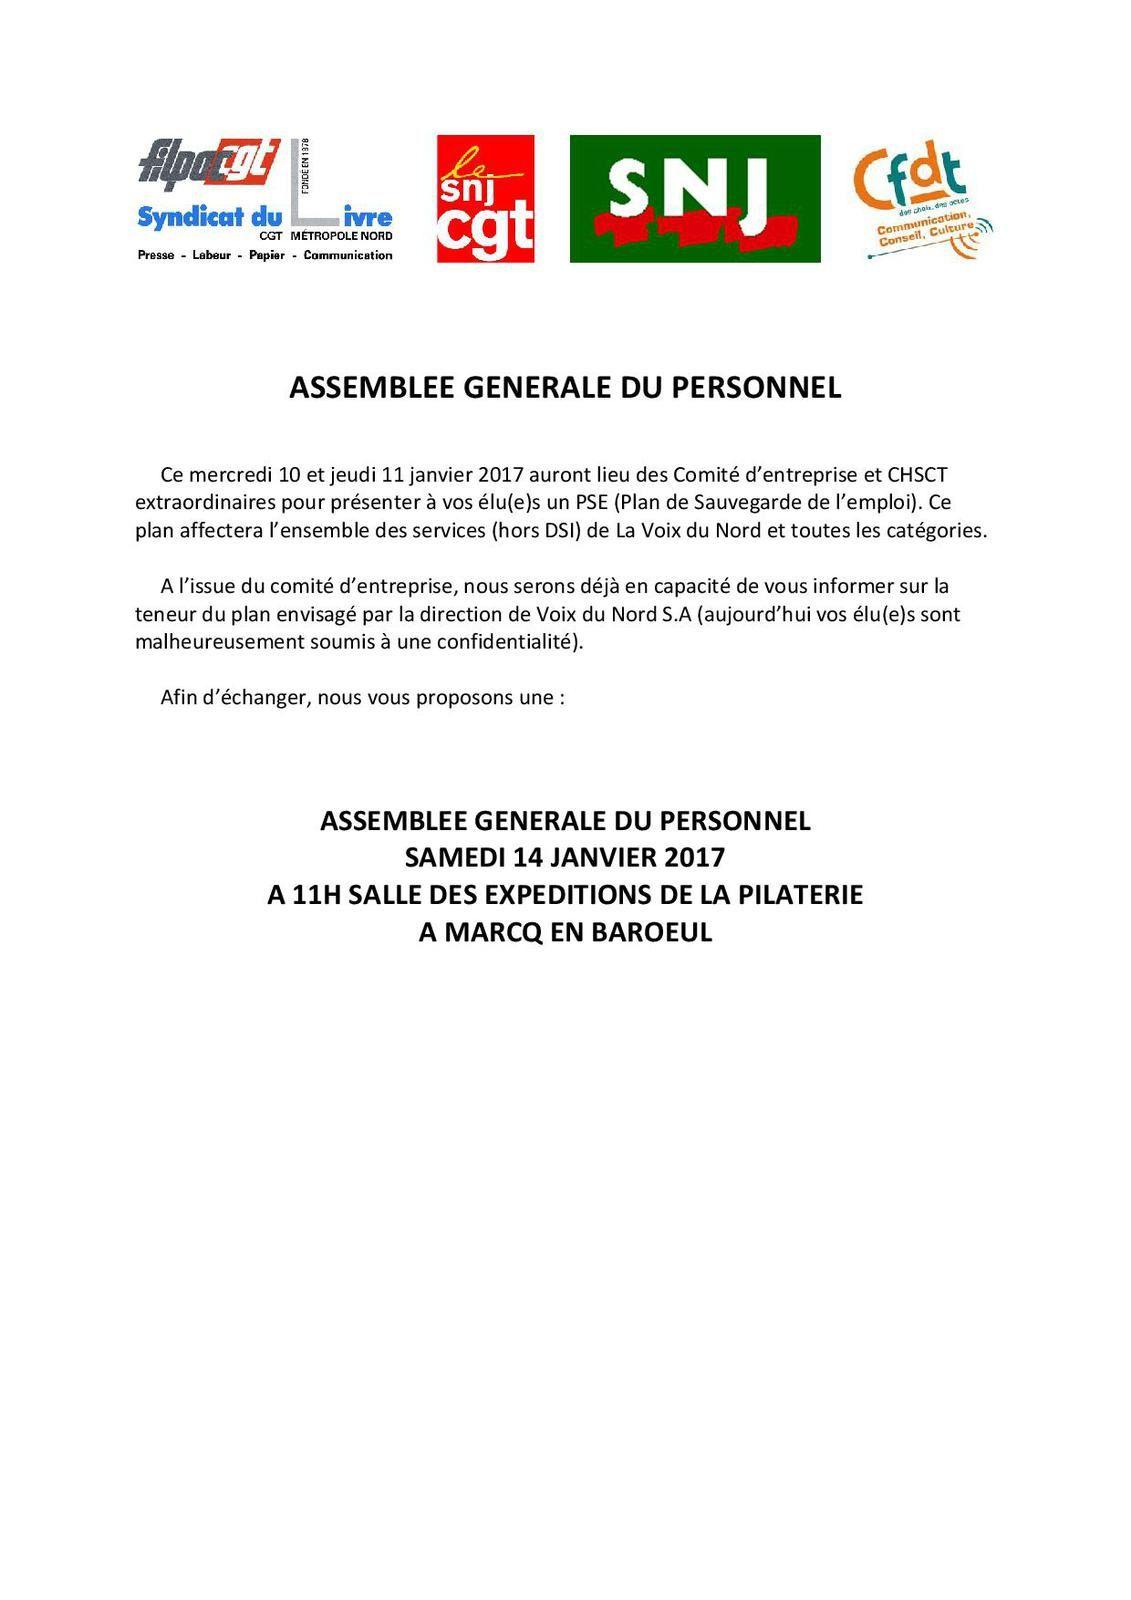 ASSEMBLEE GENERALE DU PERSONNEL (intersyndicale VDN)